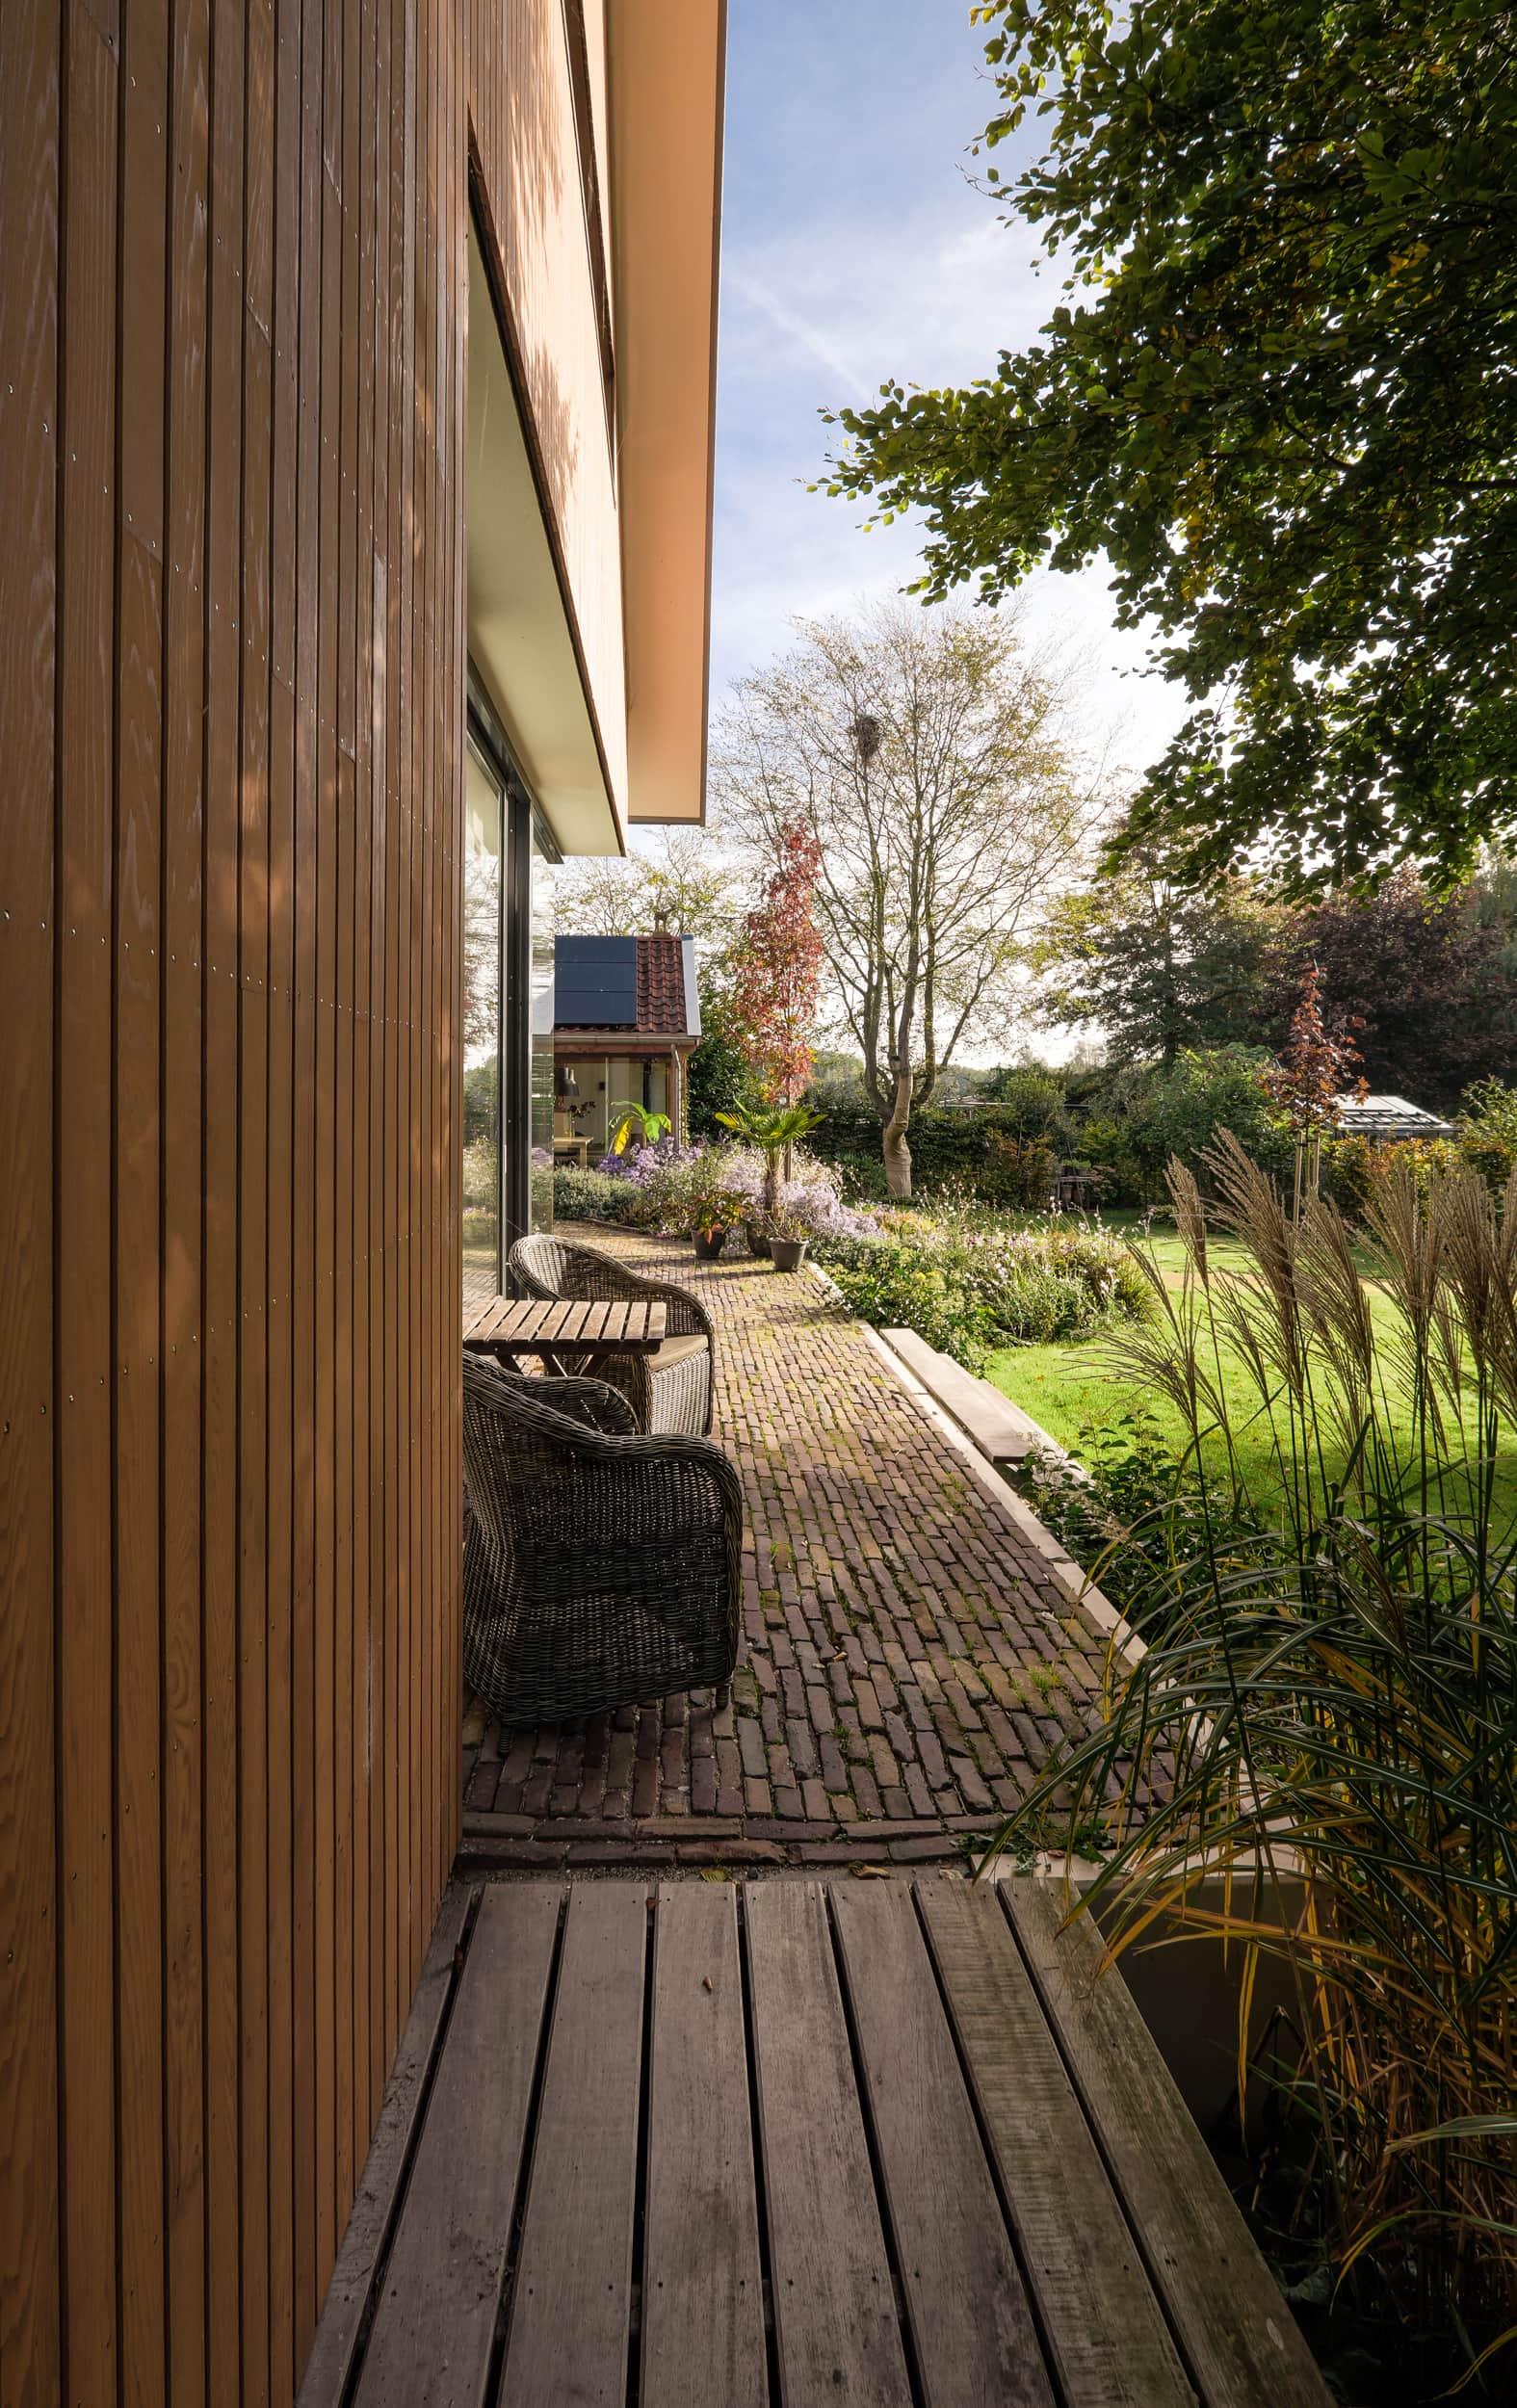 van-os-architecten-nieuwbouw-dijkwoning-rottekade-zevenhuizen-verticale-houten-gevelbekleding